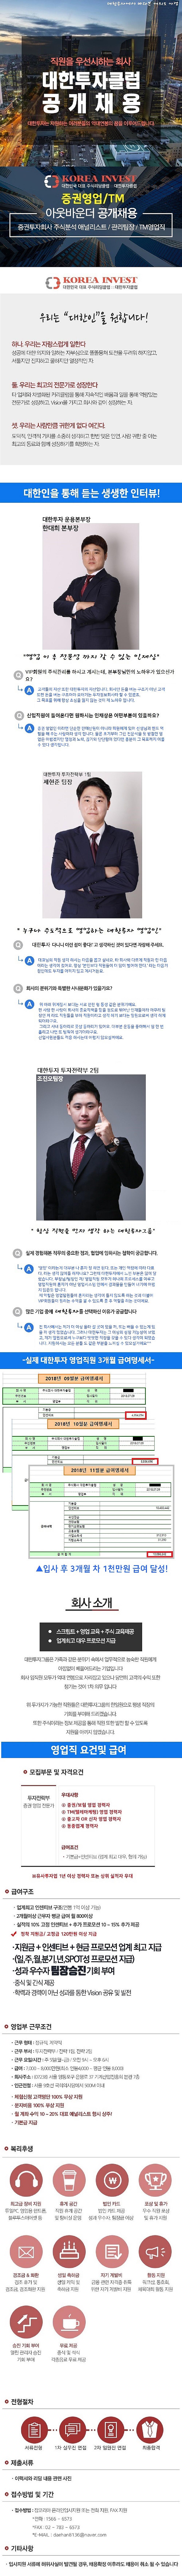 구인공고-수정중-(1) (1).jpg